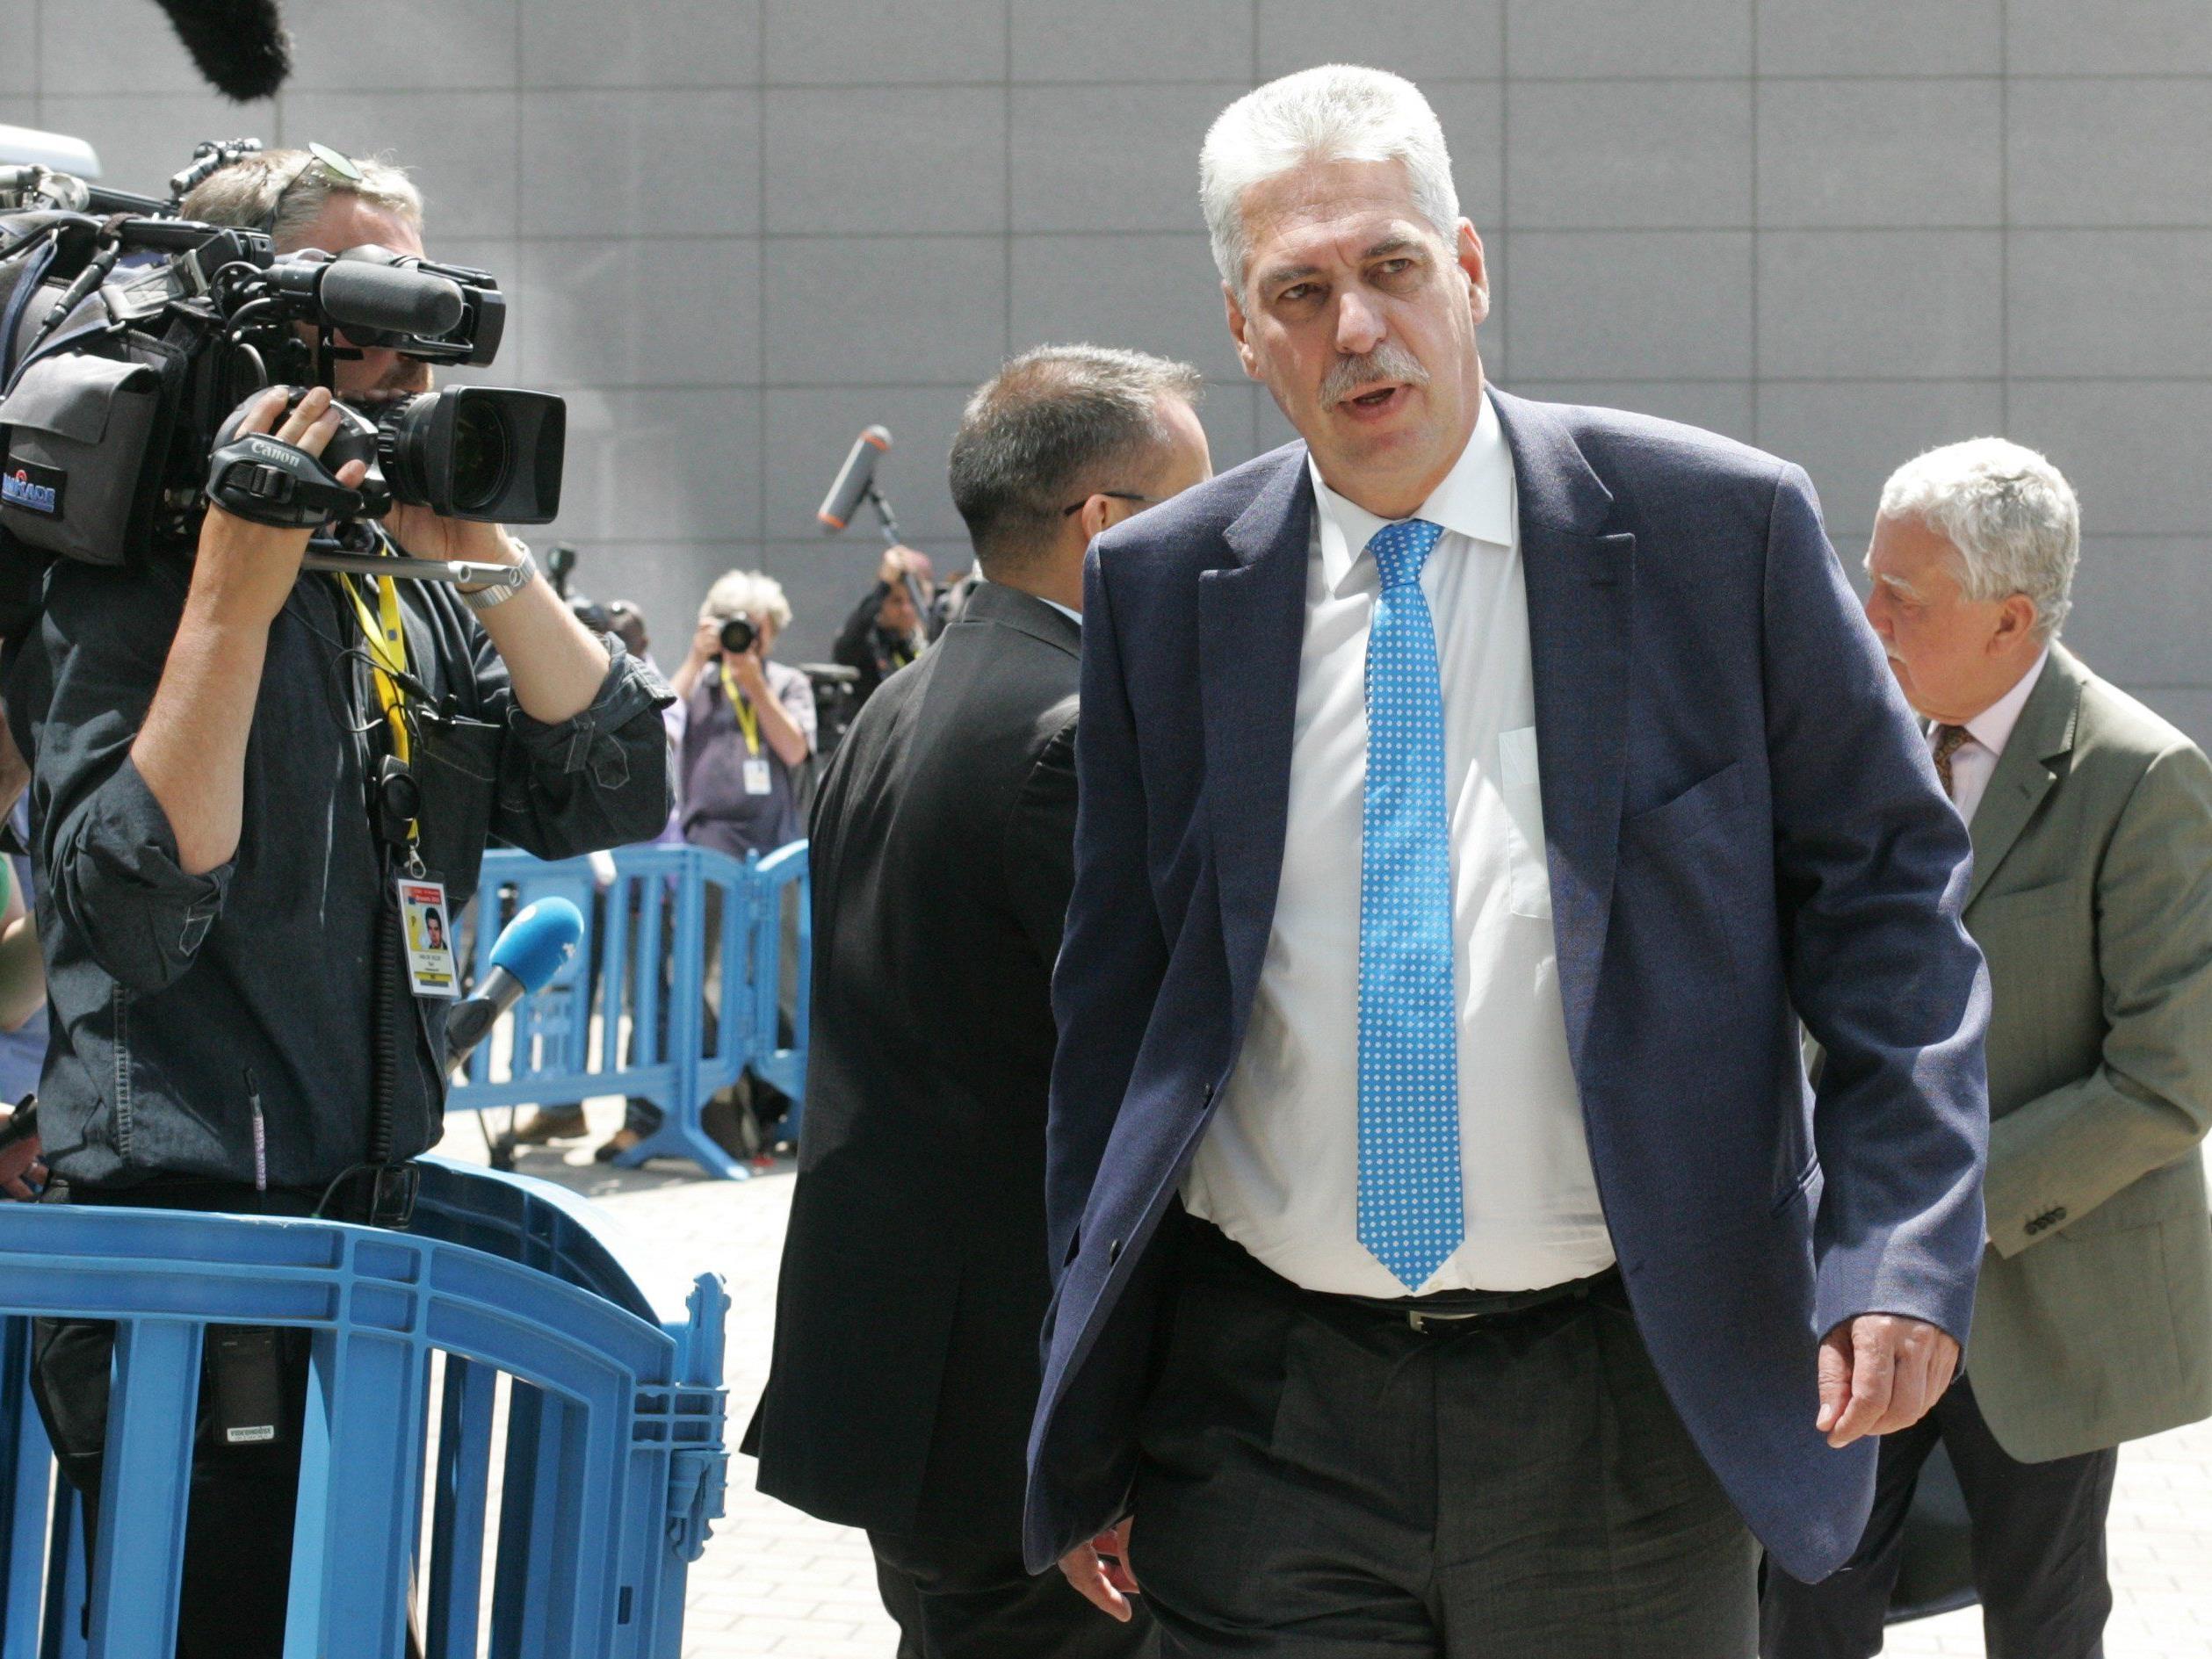 Auch wenn die Opposition dagegen ist: Finanzminister Schelling bekommt den Auftrag zu neuen Verhandlungen.